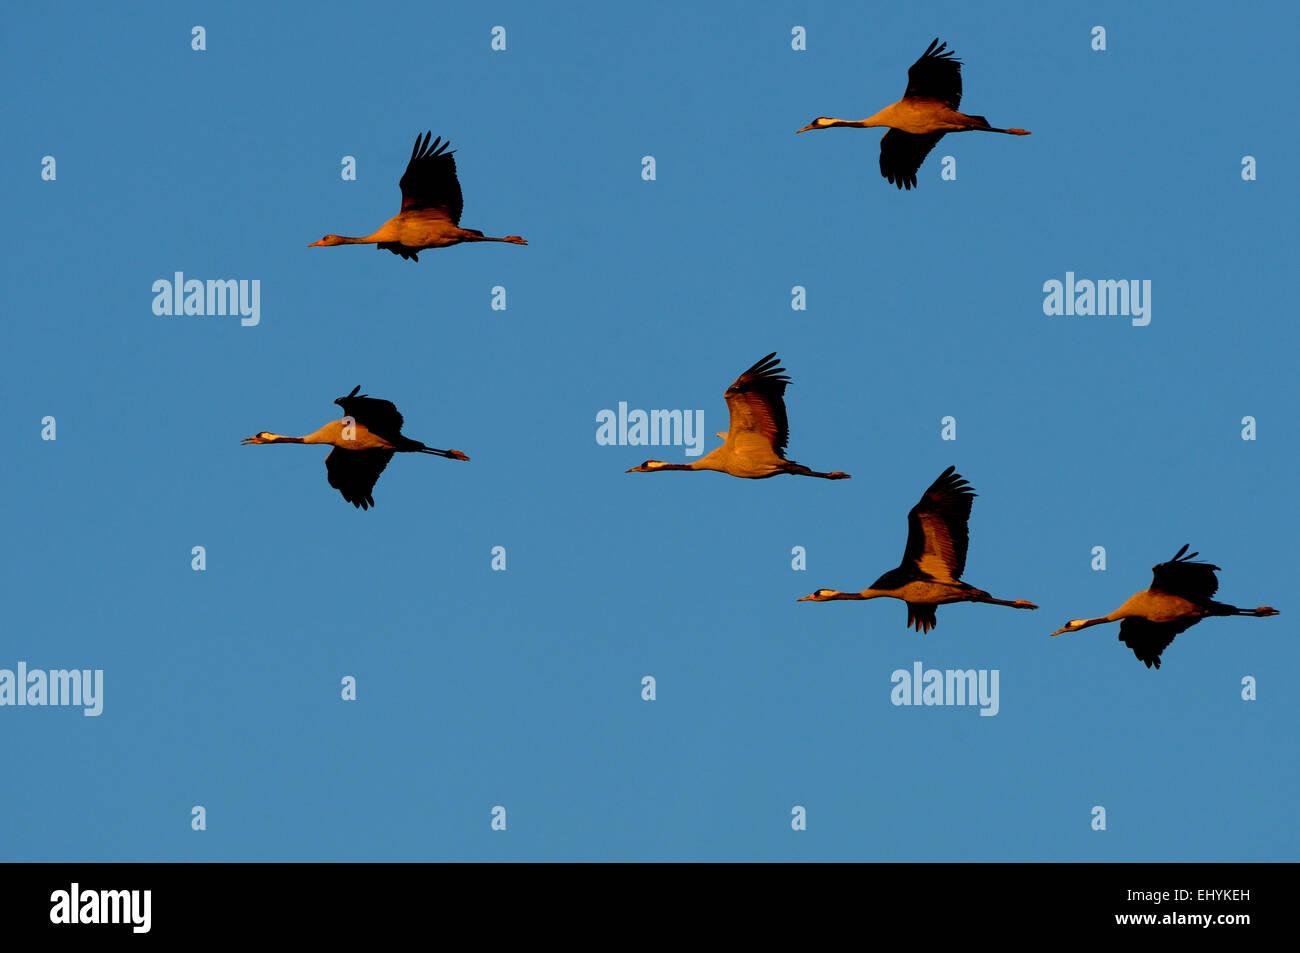 Kran, Grus Grus, Vögel, Kraniche, graue Kraniche, waten Vogel, Mecklenburg-Vorpommern, Vogelzug, Deutschland Stockbild